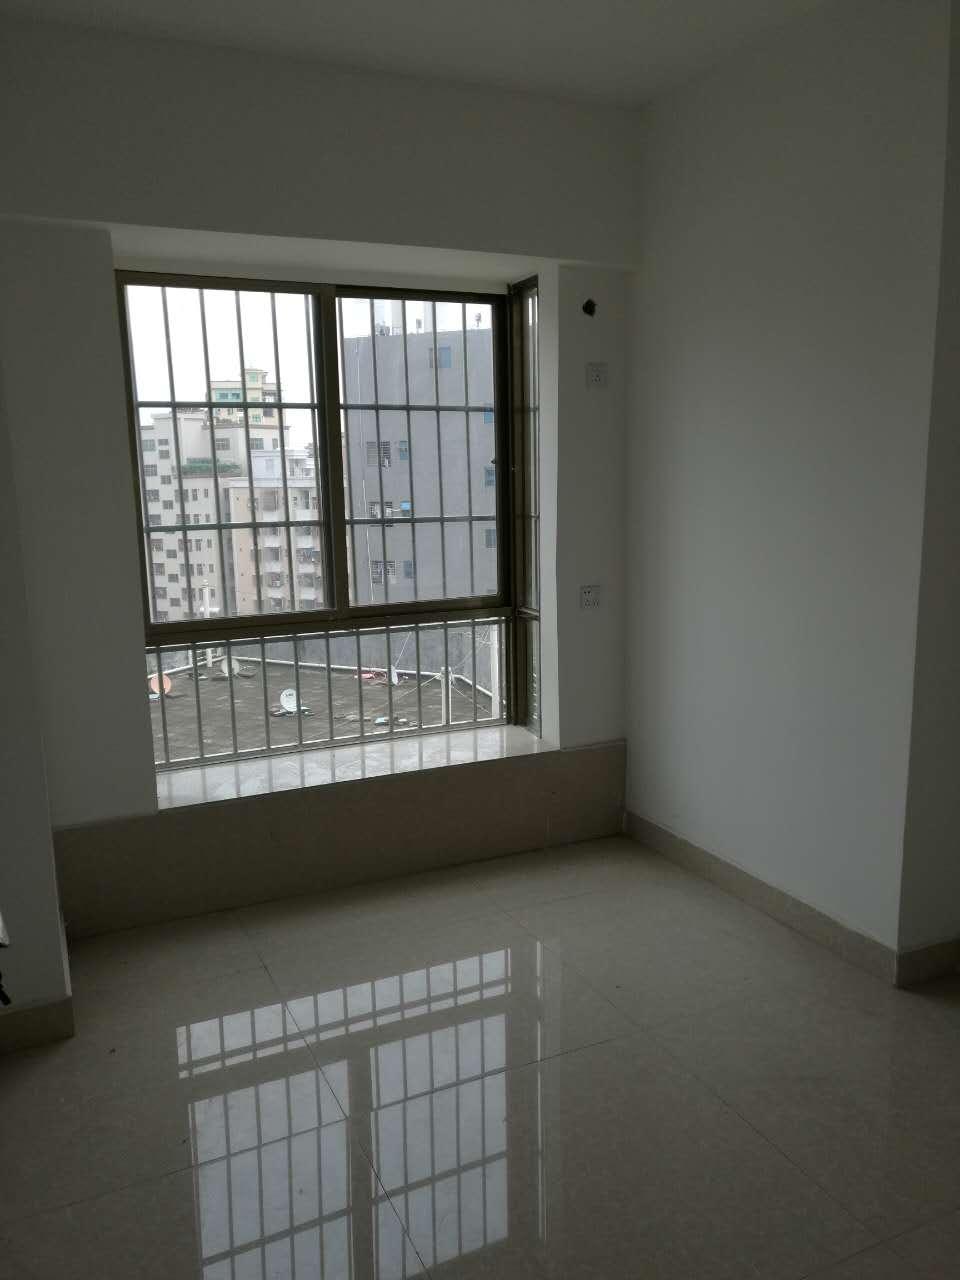 深圳公明小产权房19万起,公明马山头村带装修近地铁 三房二厅 第7张